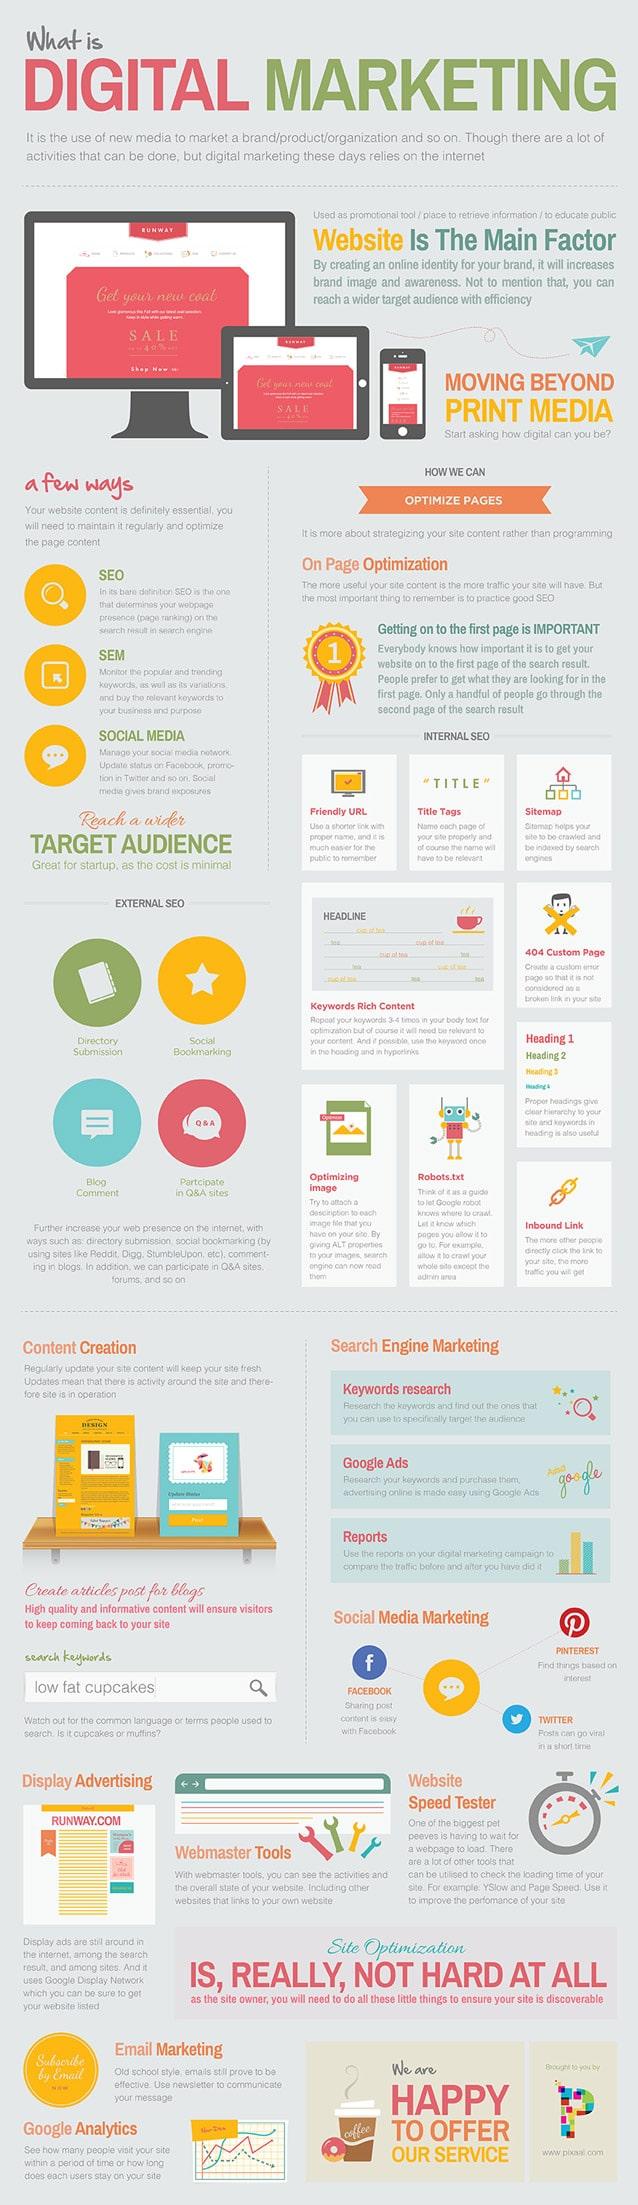 infographie   astuces pour une bonne visibilit u00e9 digitale